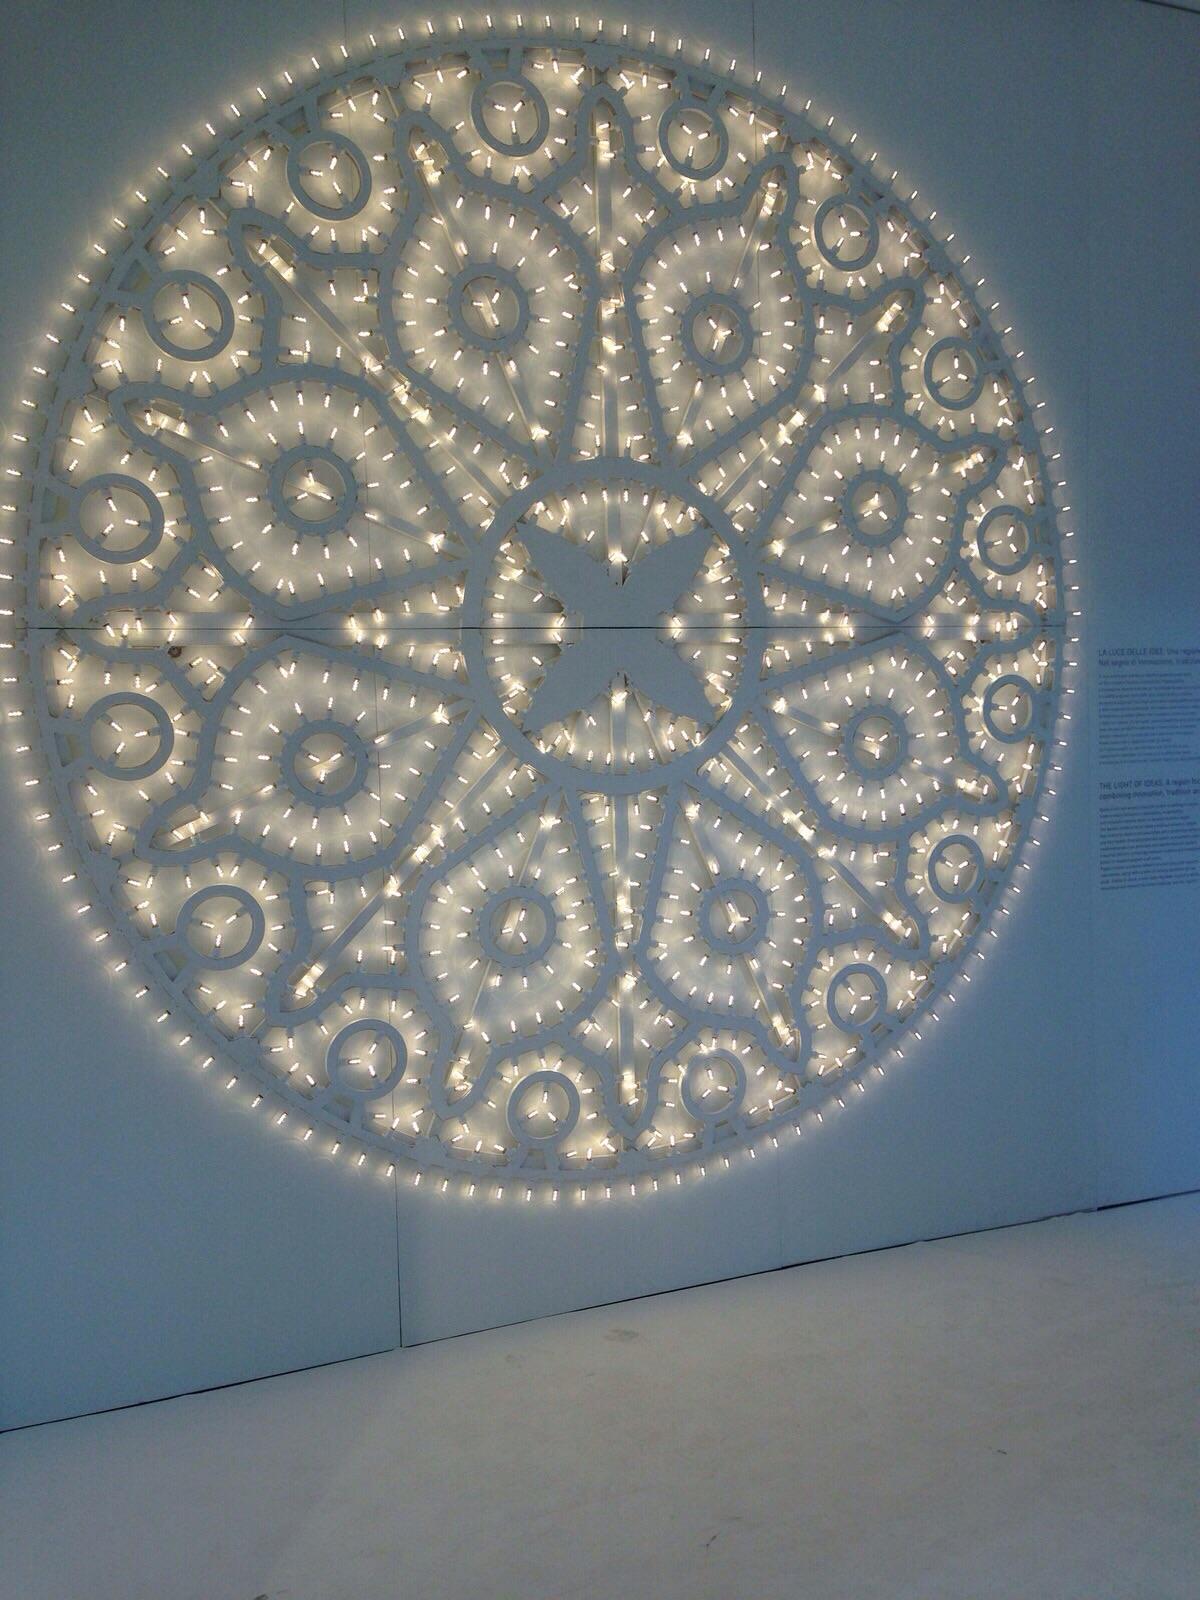 Particolare dell'installazione di Dellerba al Padiglione Puglia di Expo